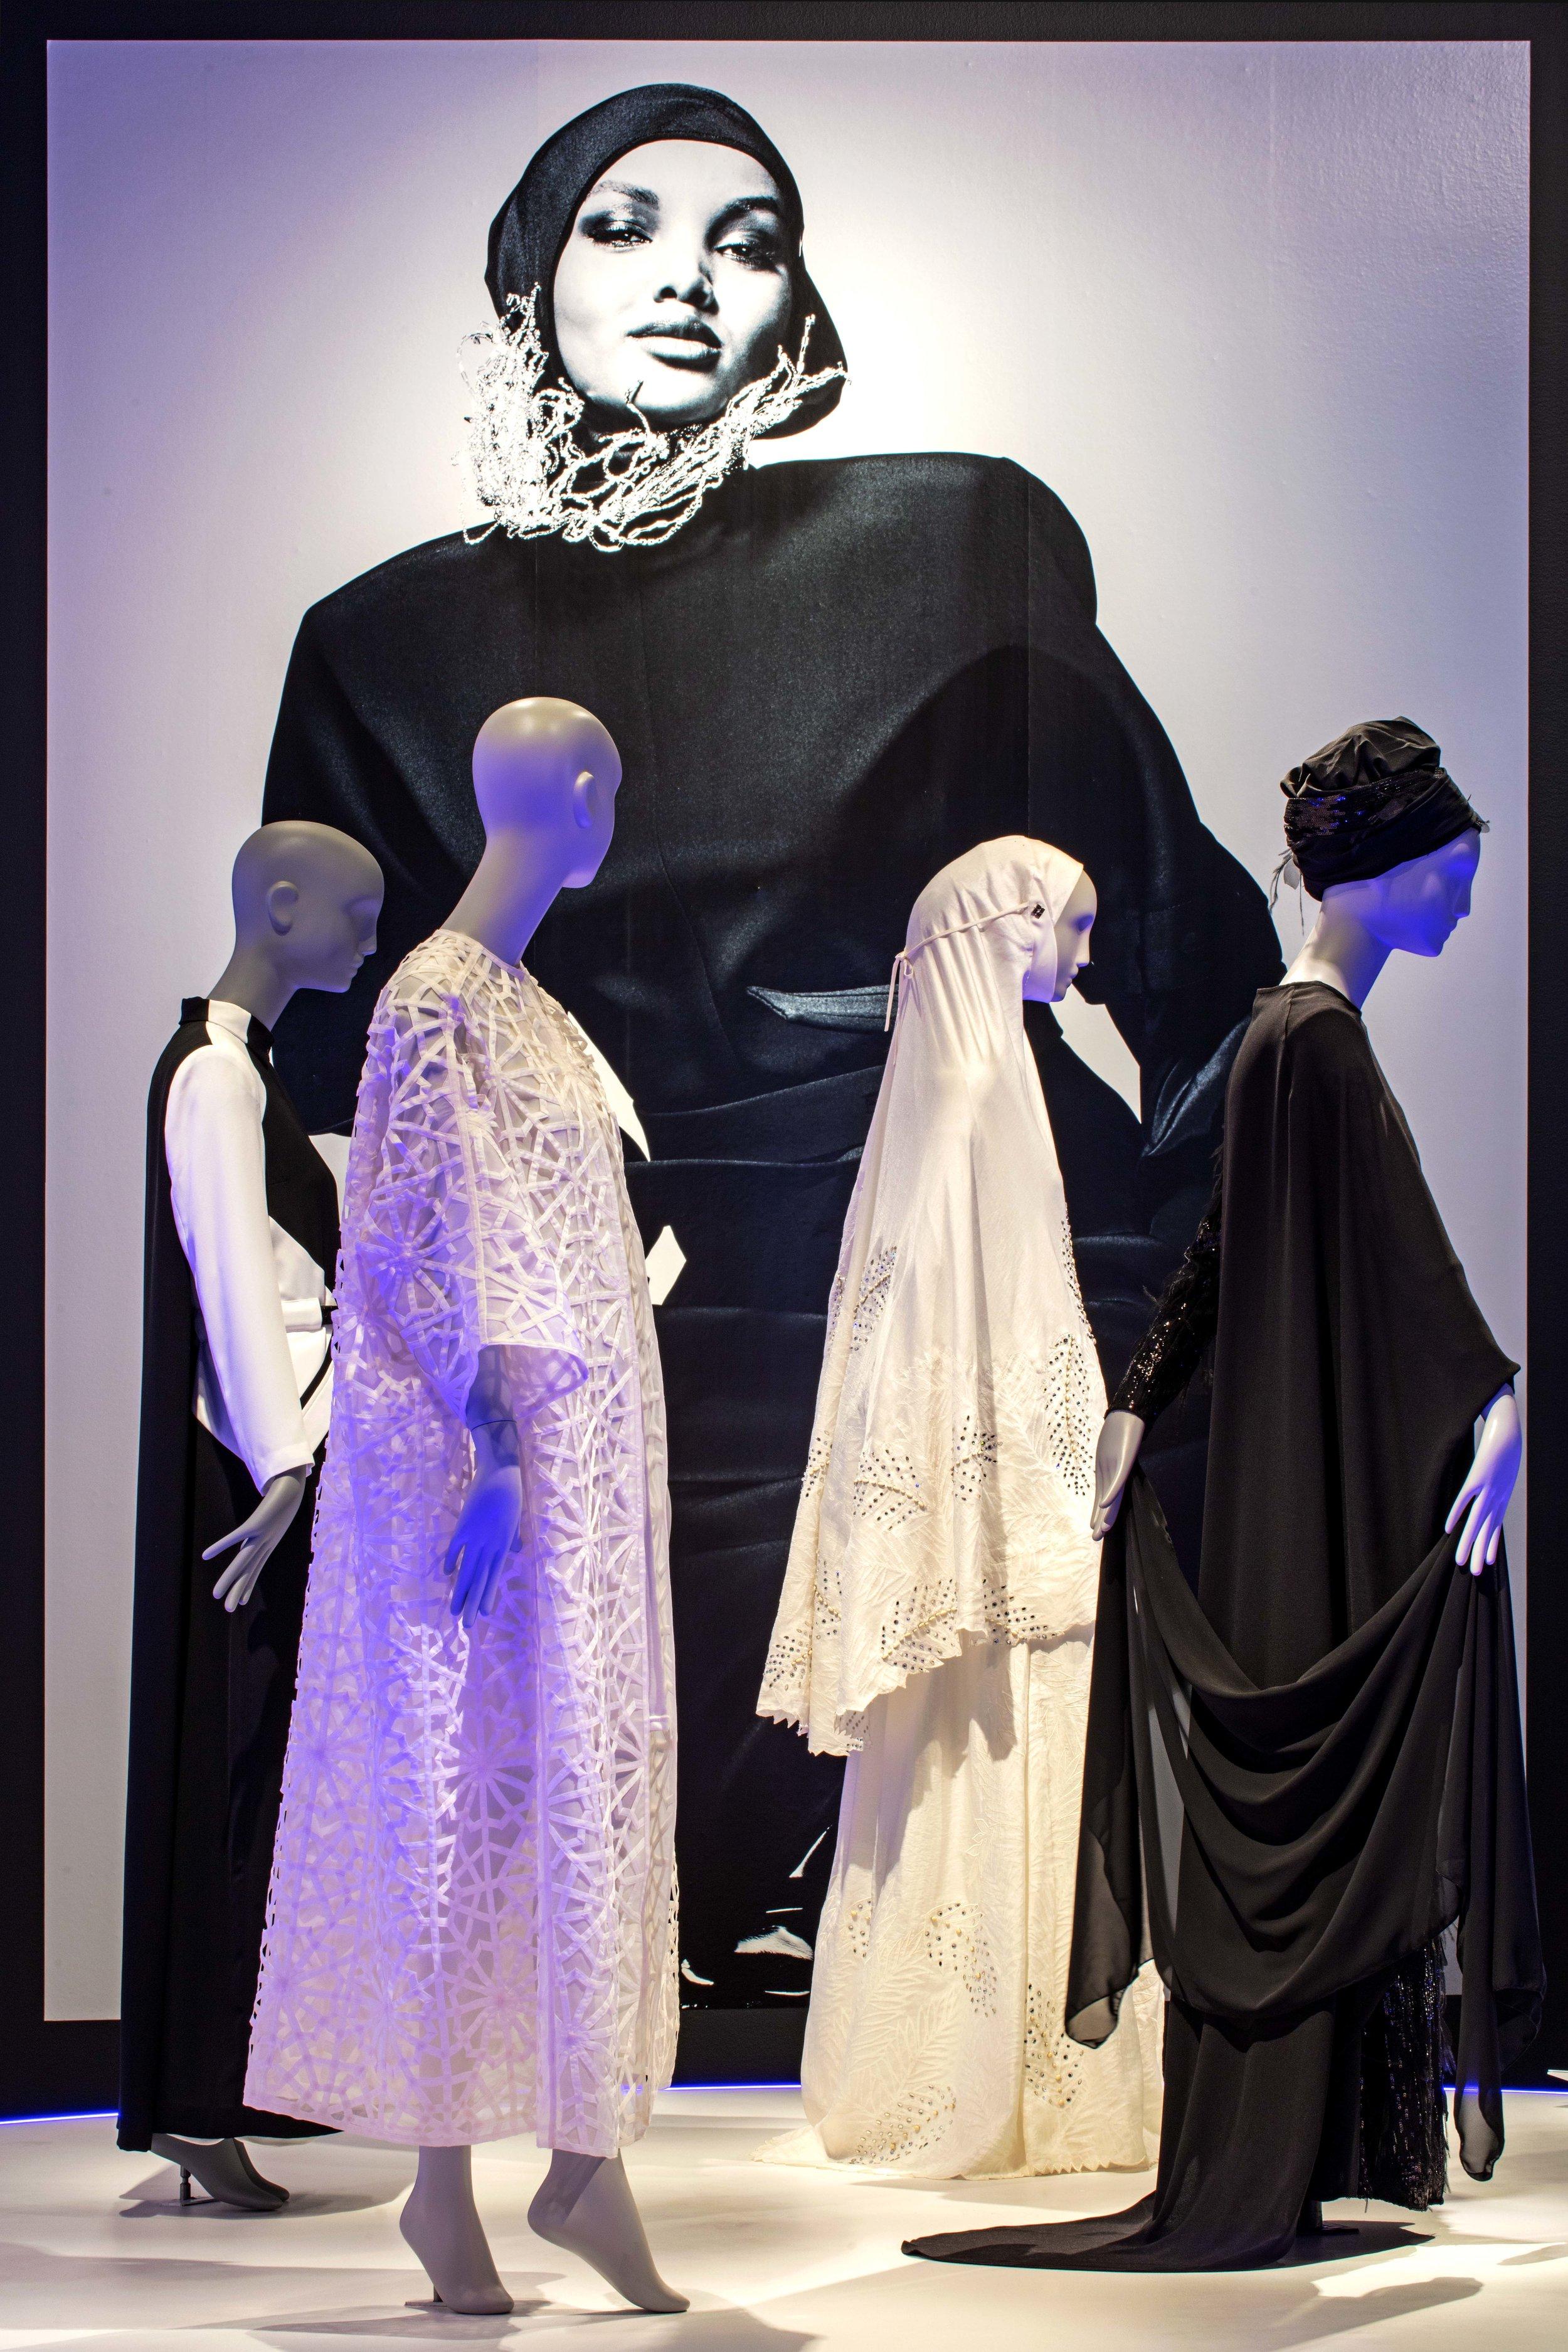 Contemporary Muslim Fashions Exhibit SF 2018 (17).jpg